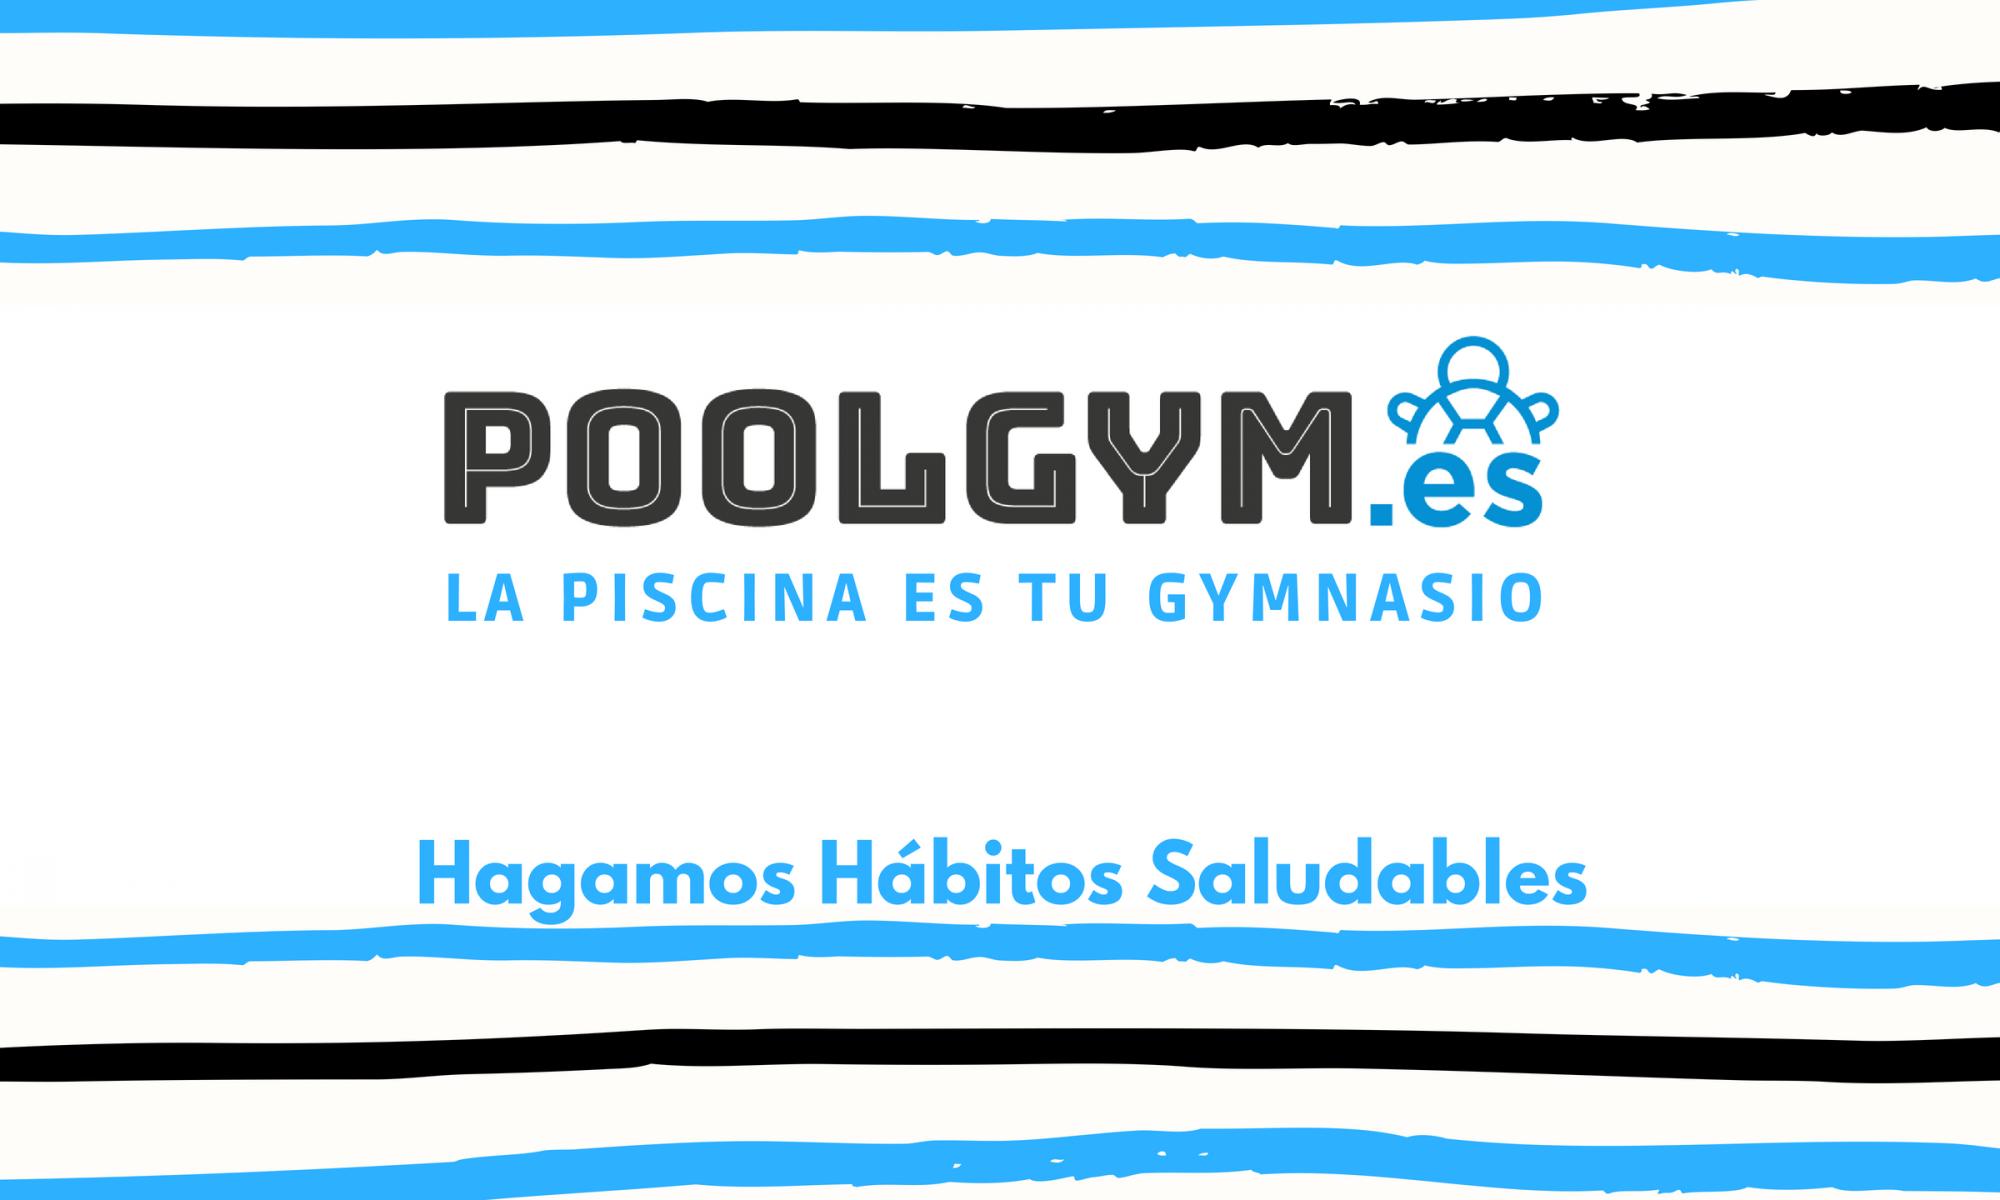 logo poolgym y la piscina es tu gimnasio